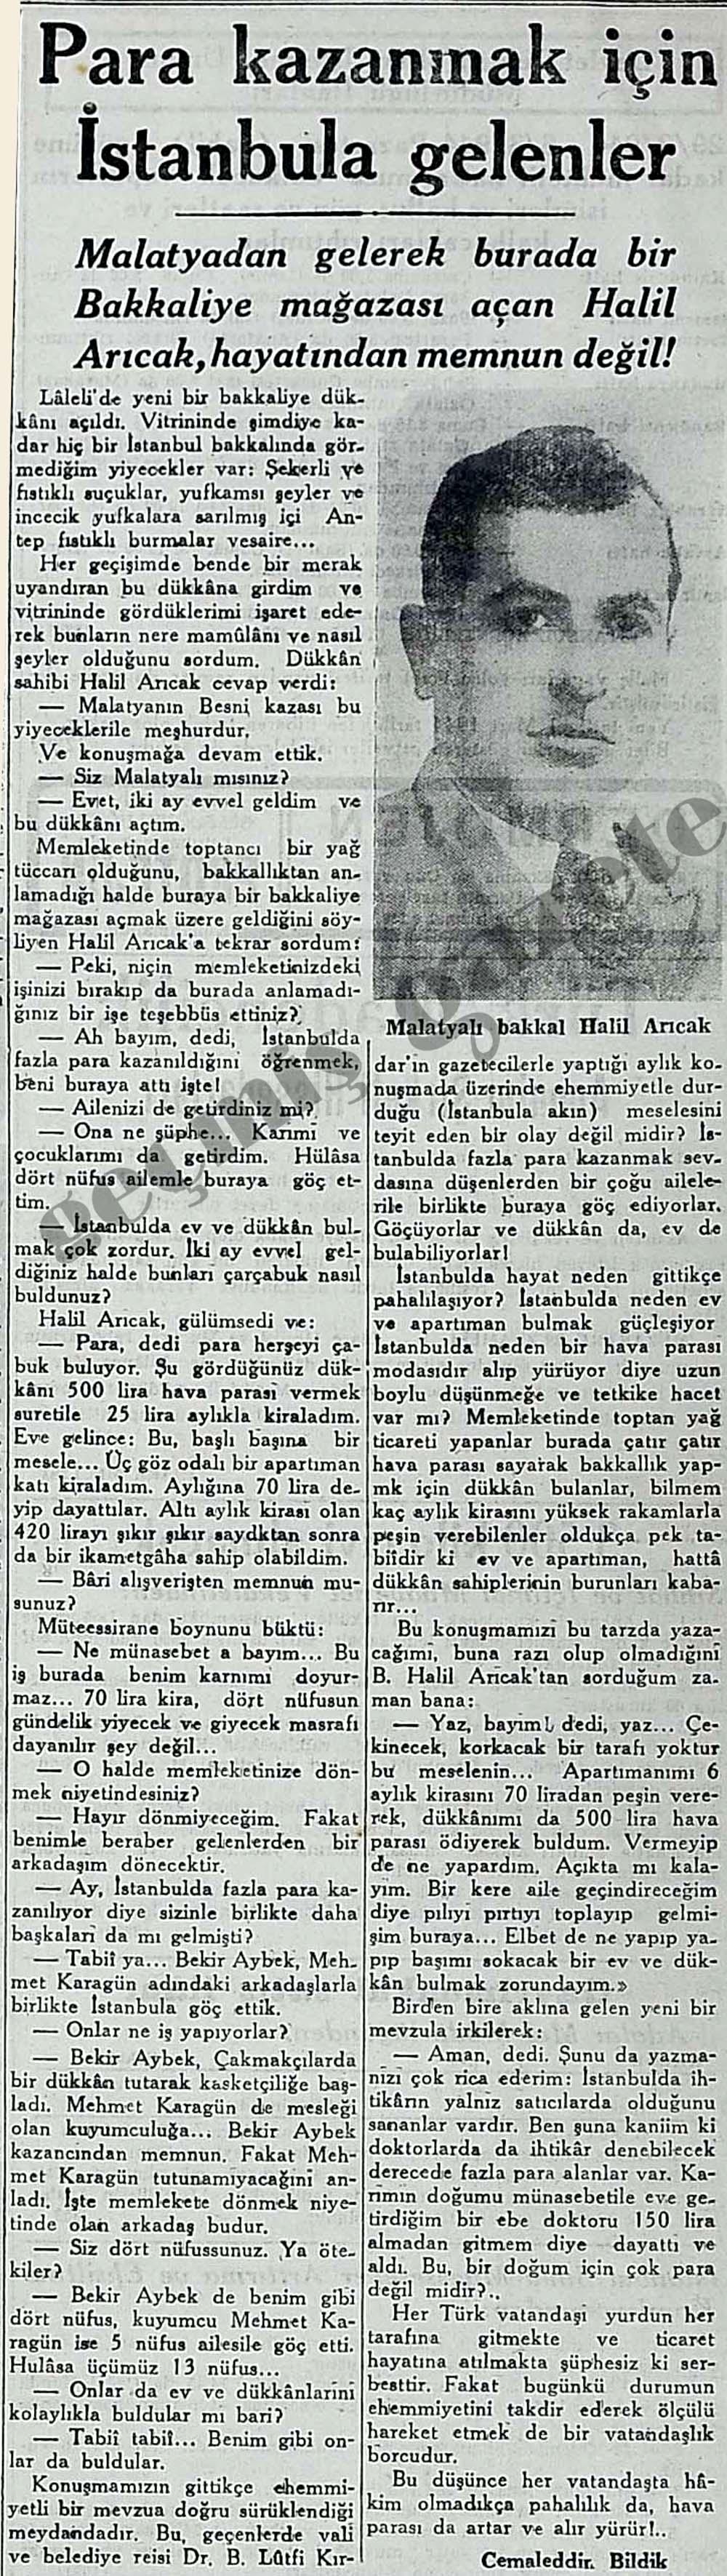 Para kazanmak için İstanbula gelenler